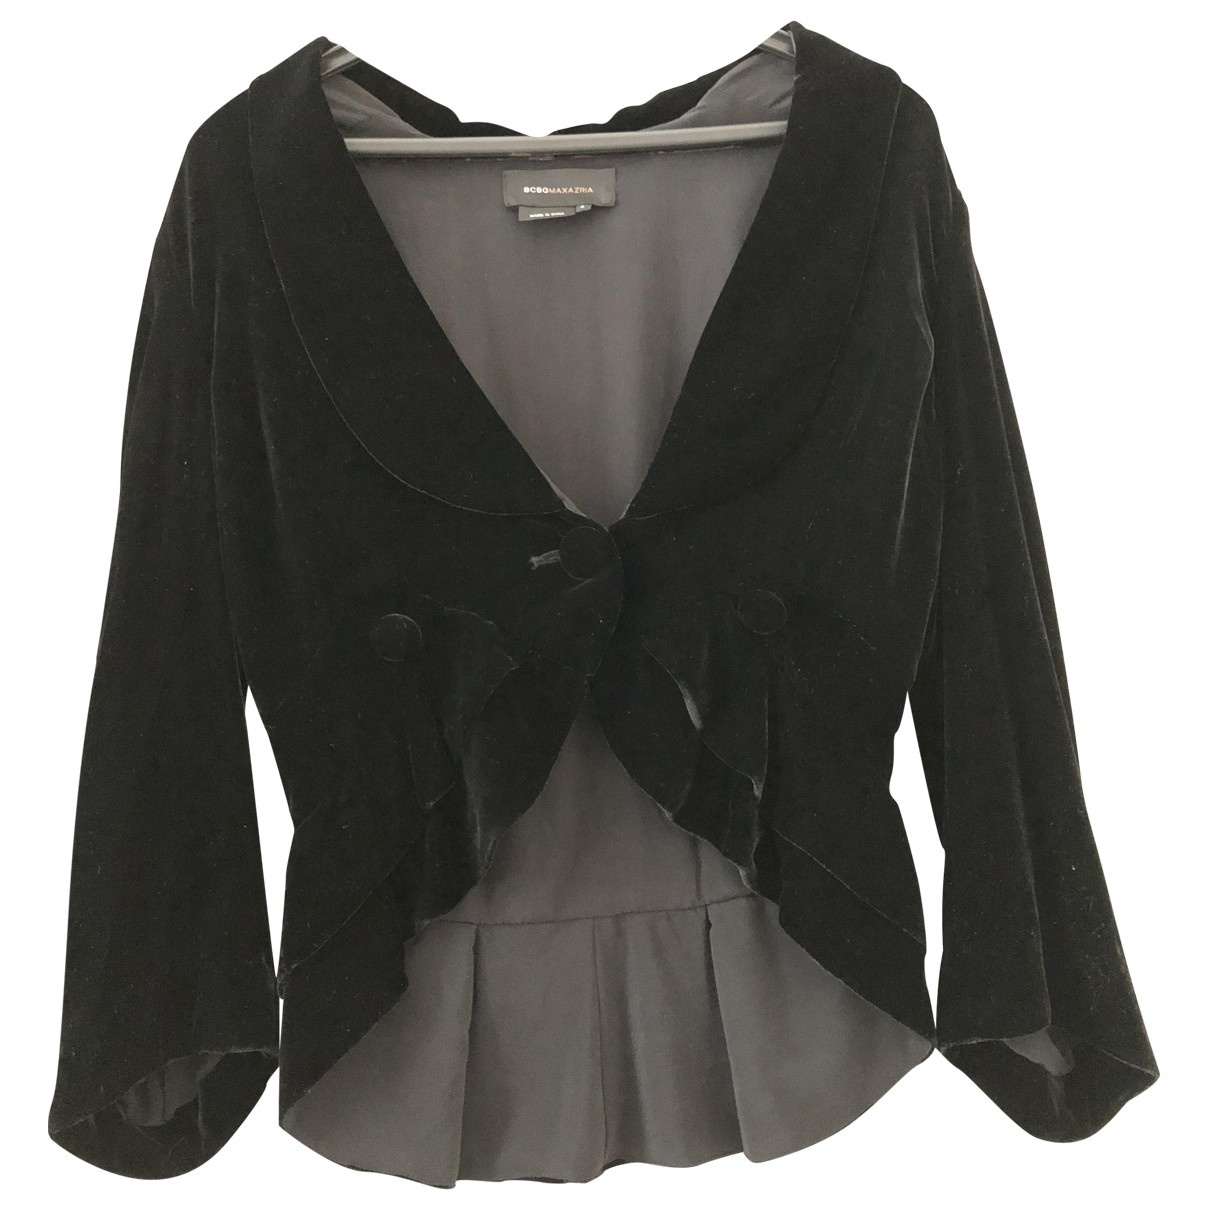 Bcbg Max Azria \N Black Velvet jacket for Women S International